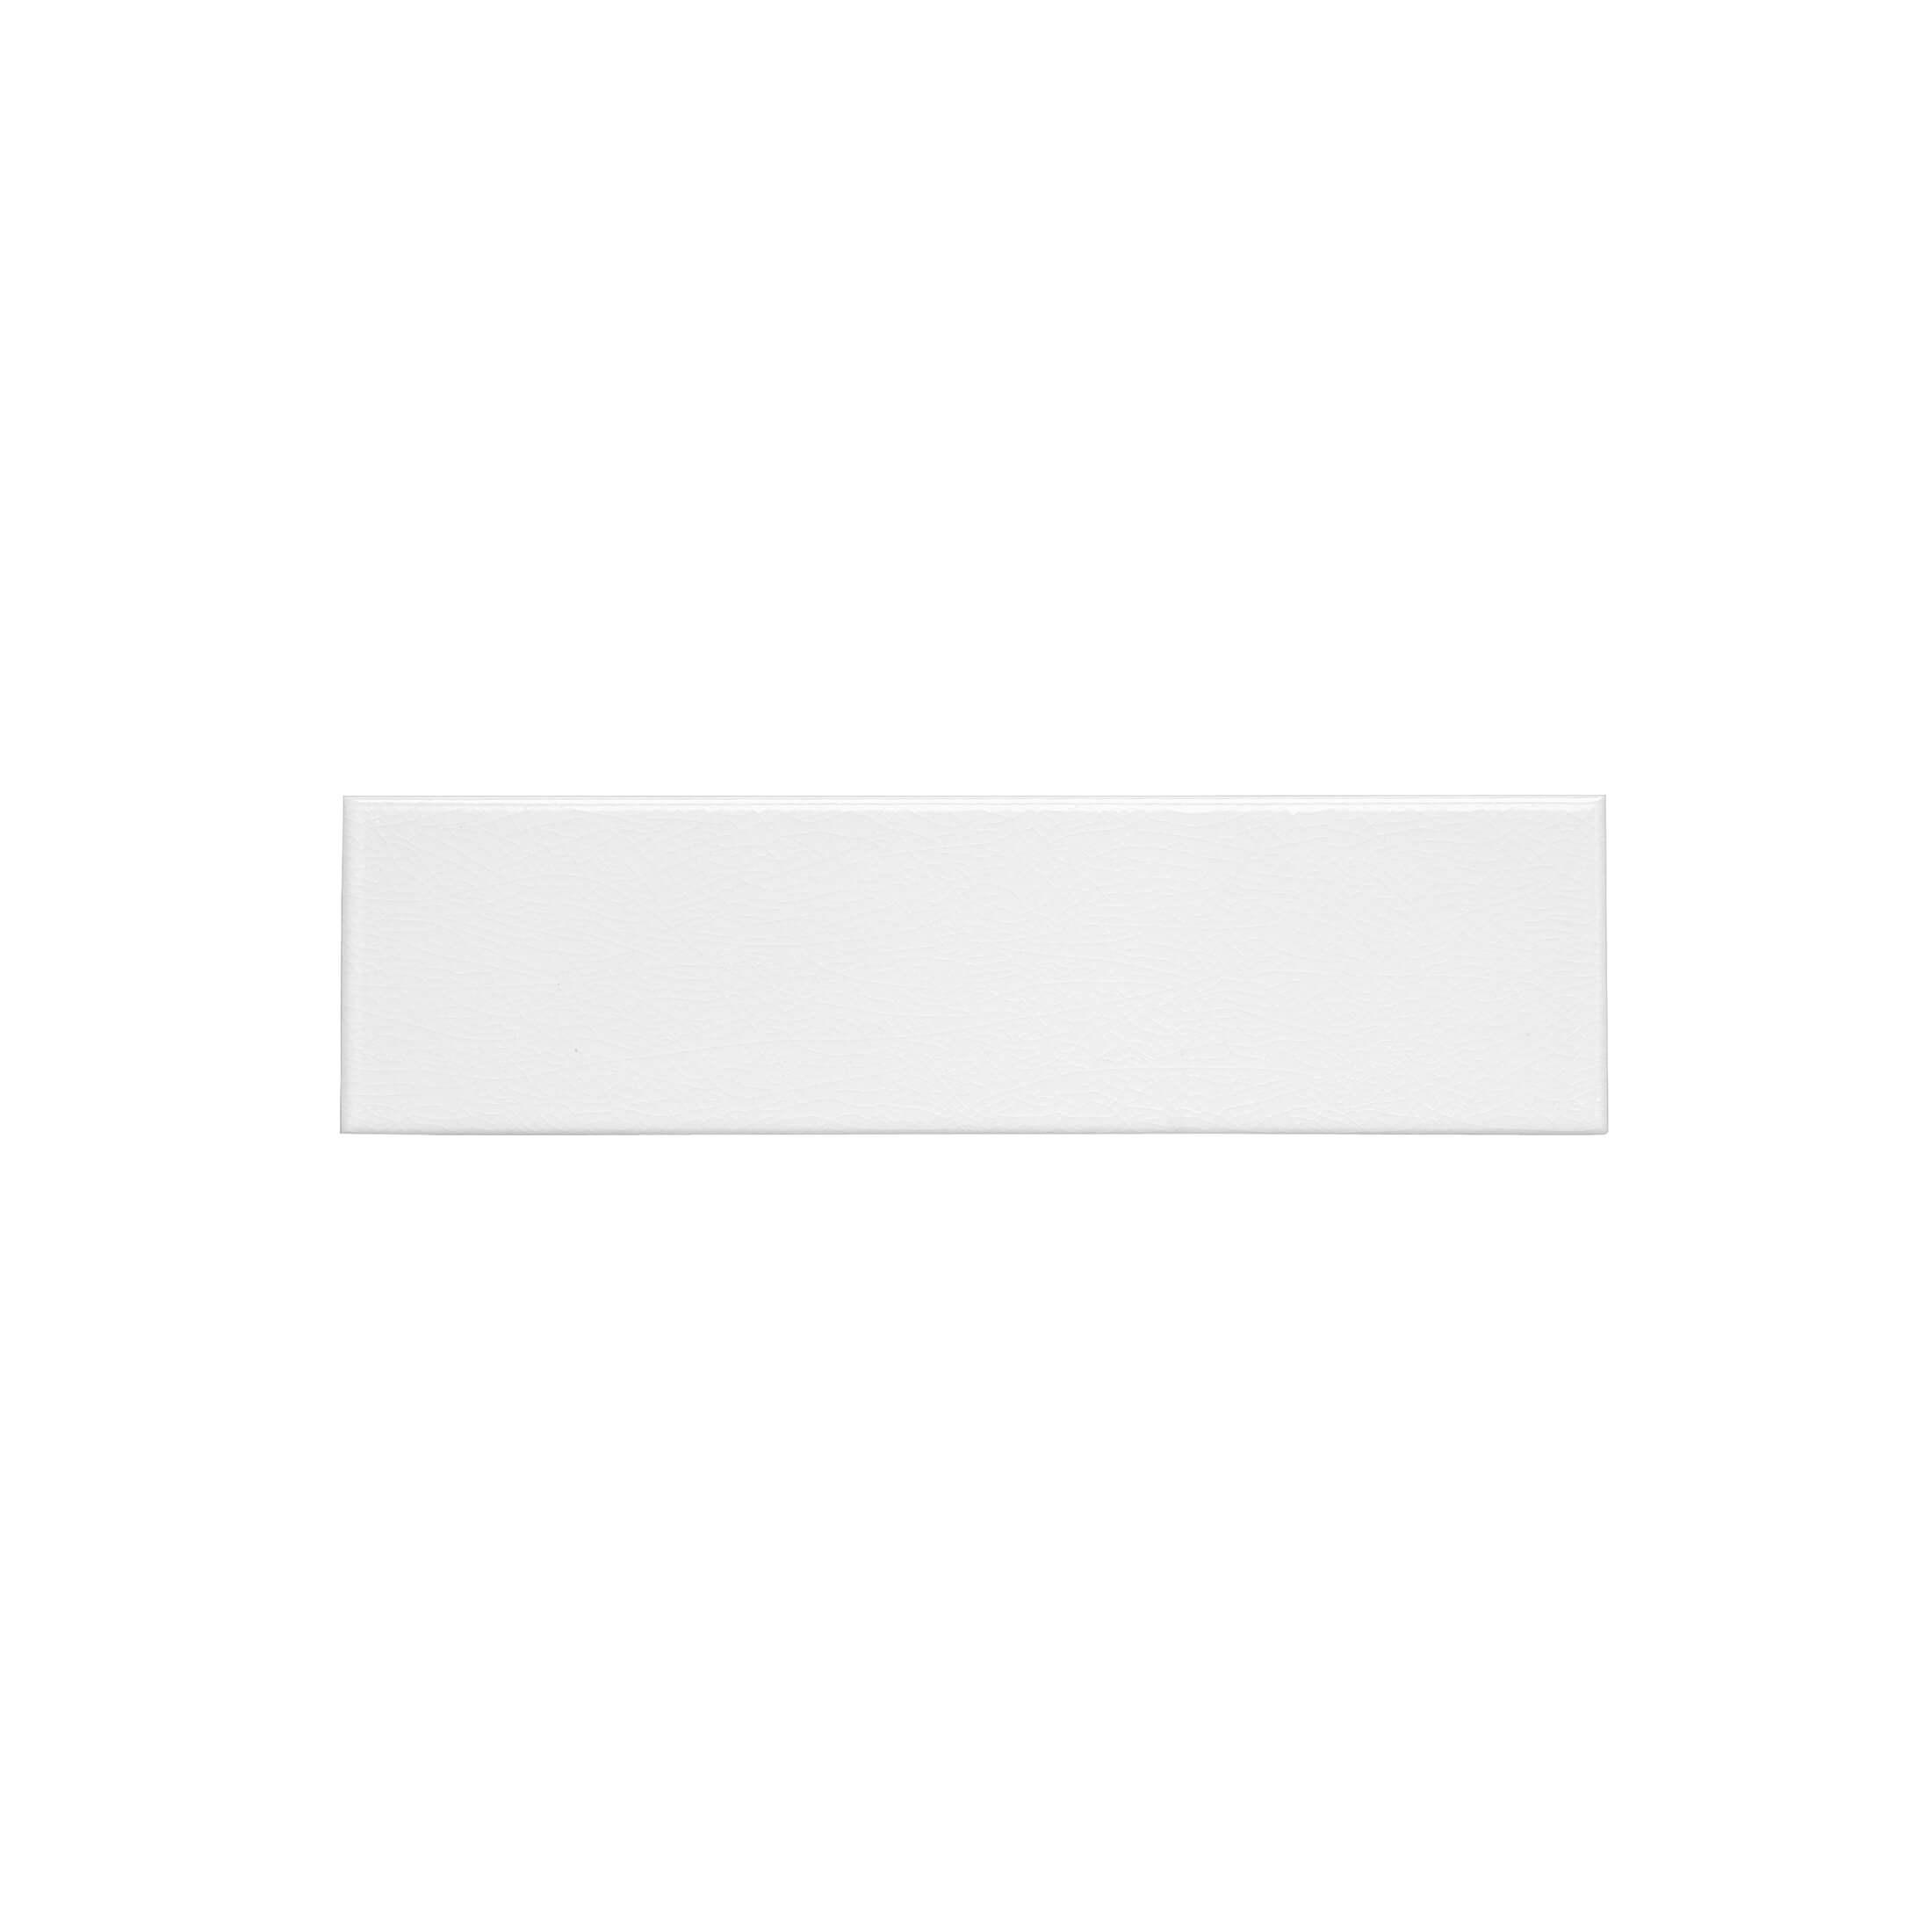 ADMO1042 - LISO PB C/C - 5 cm X 20 cm